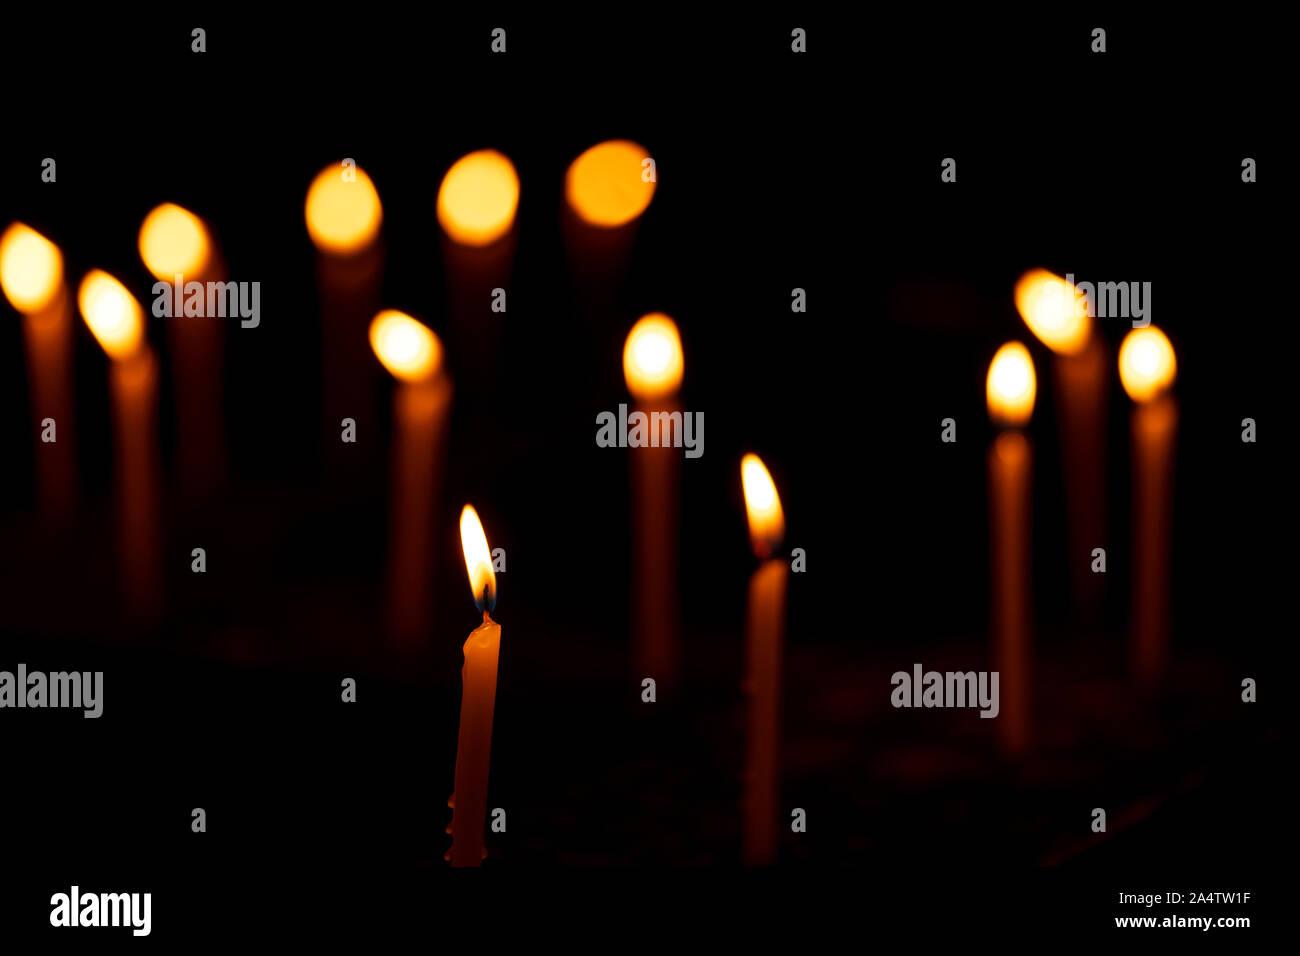 Diwali decoration background - bougies dans un motif en zigzag pendant fête indienne. Pour Concept hindou, bouddhiste, chrétienne, traditio Banque D'Images